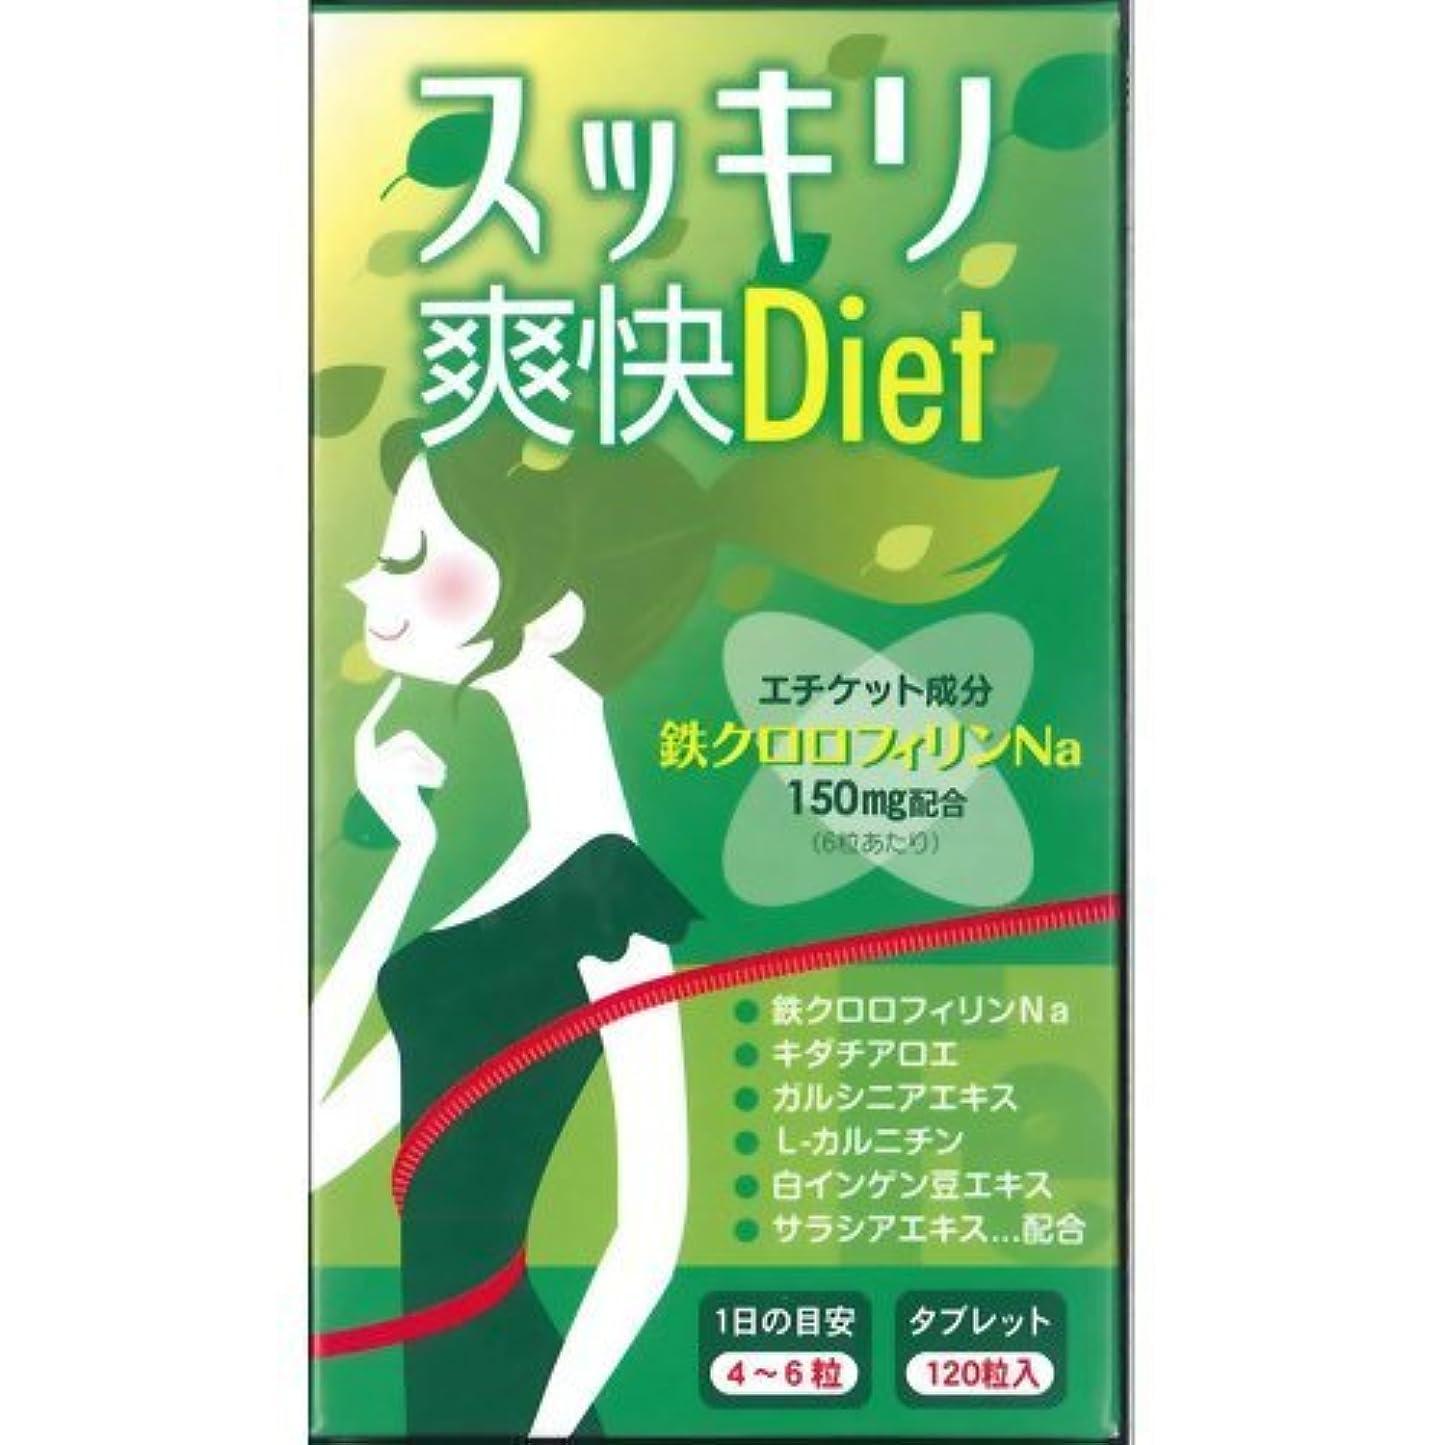 立派な土器製品スッキリ爽快Diet